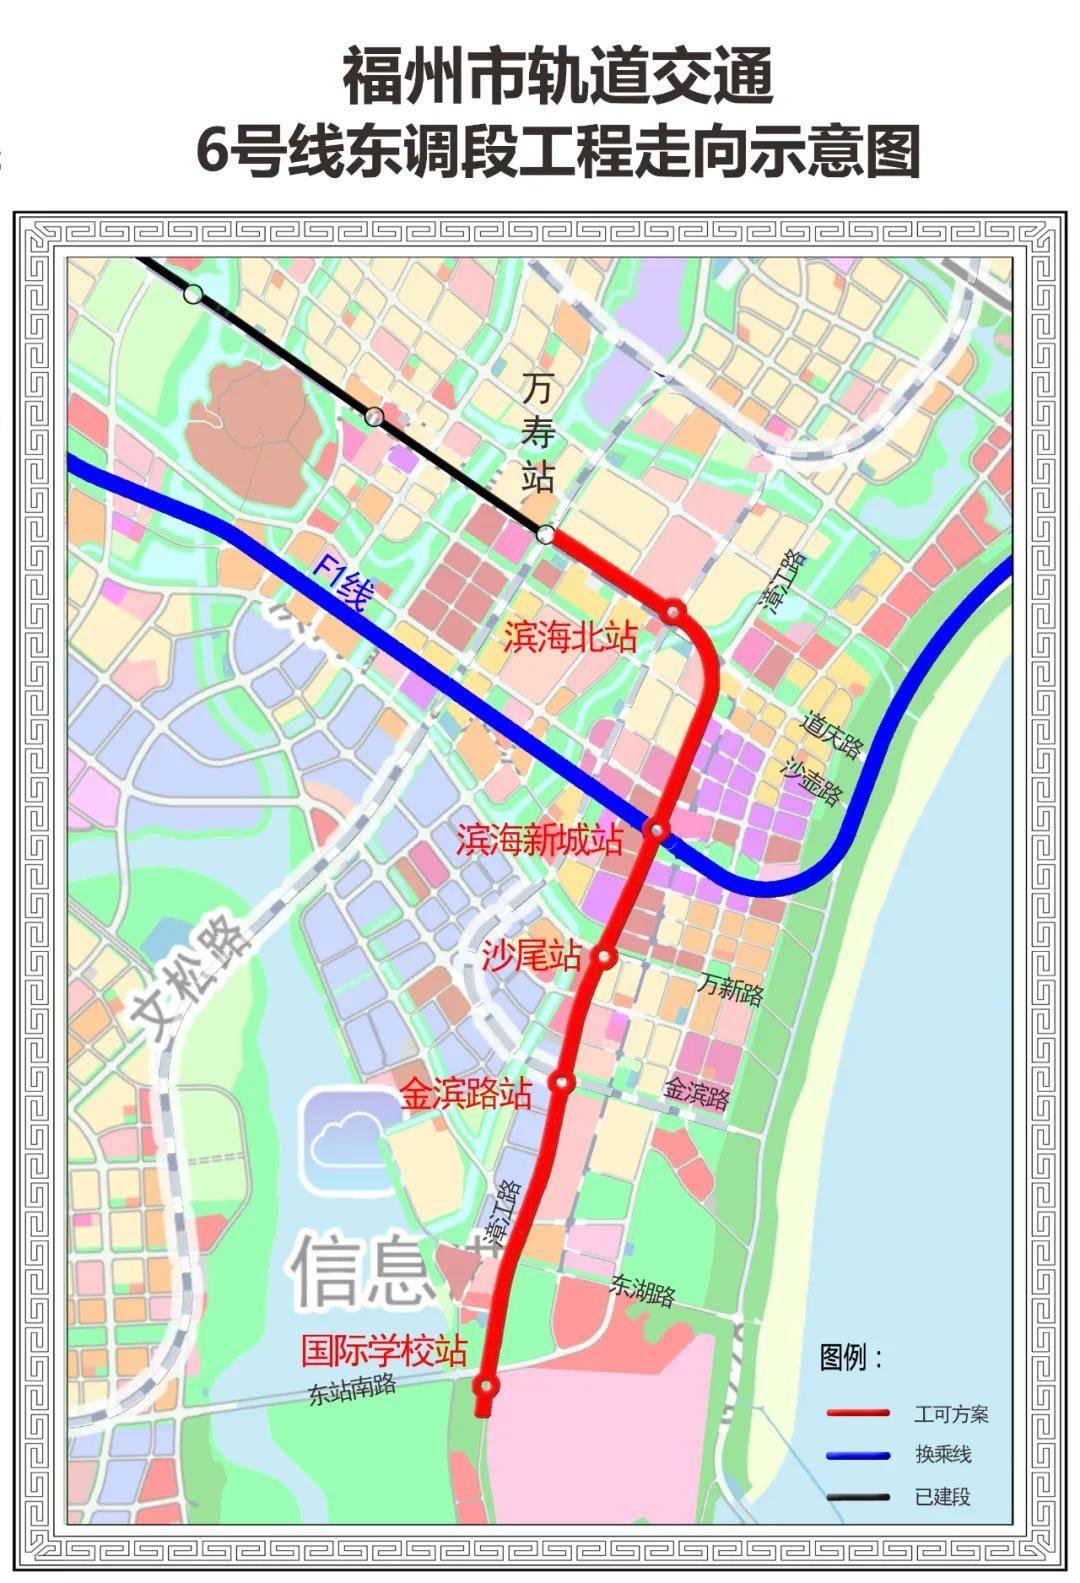 福州年内将开通地铁6号线!动建马尾地铁!5号线有望轨通?